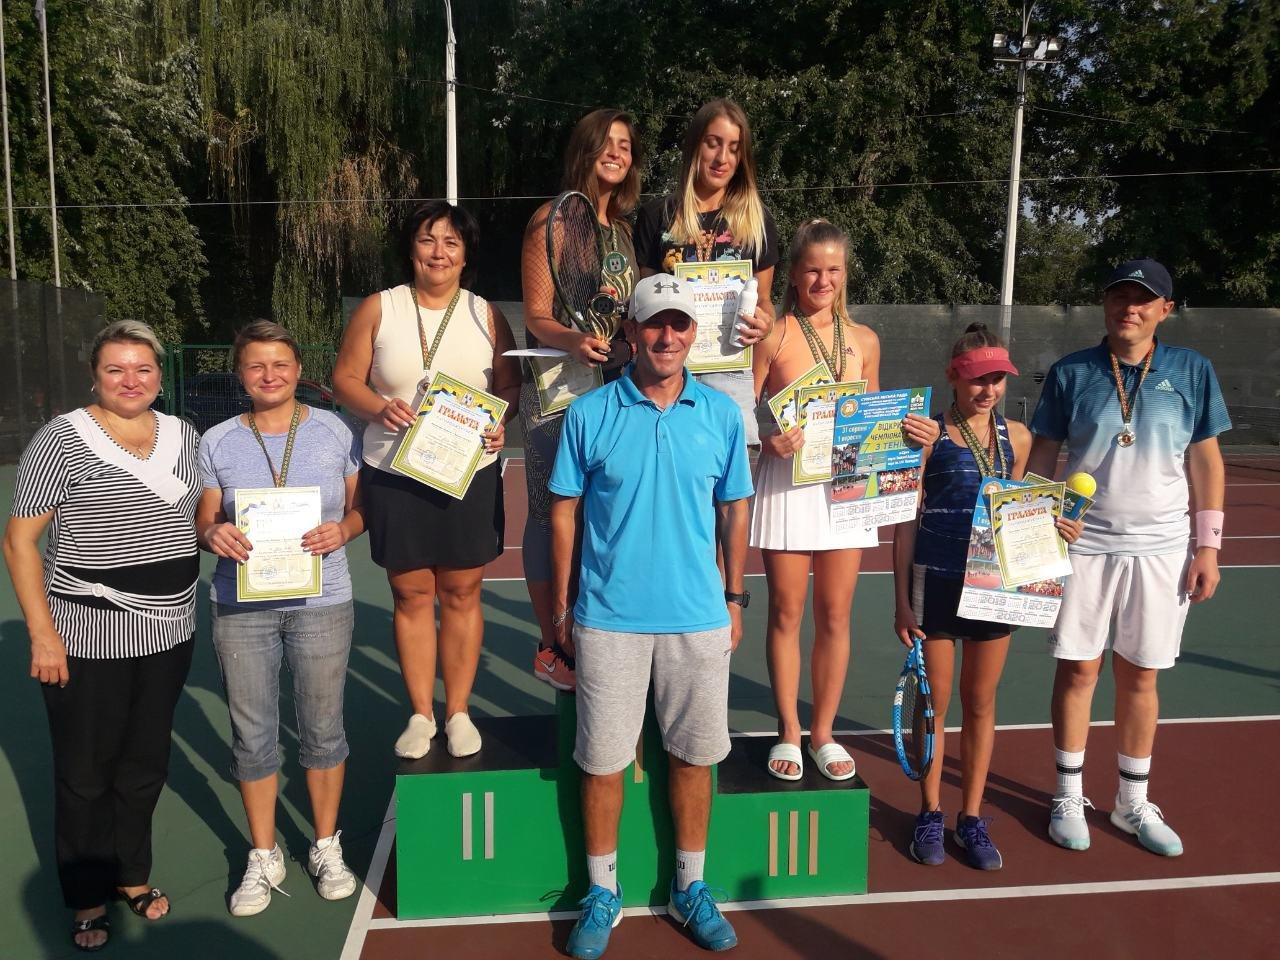 До Дня міста у Сумах провели відкритий чемпіонат з тенісу, фото-1